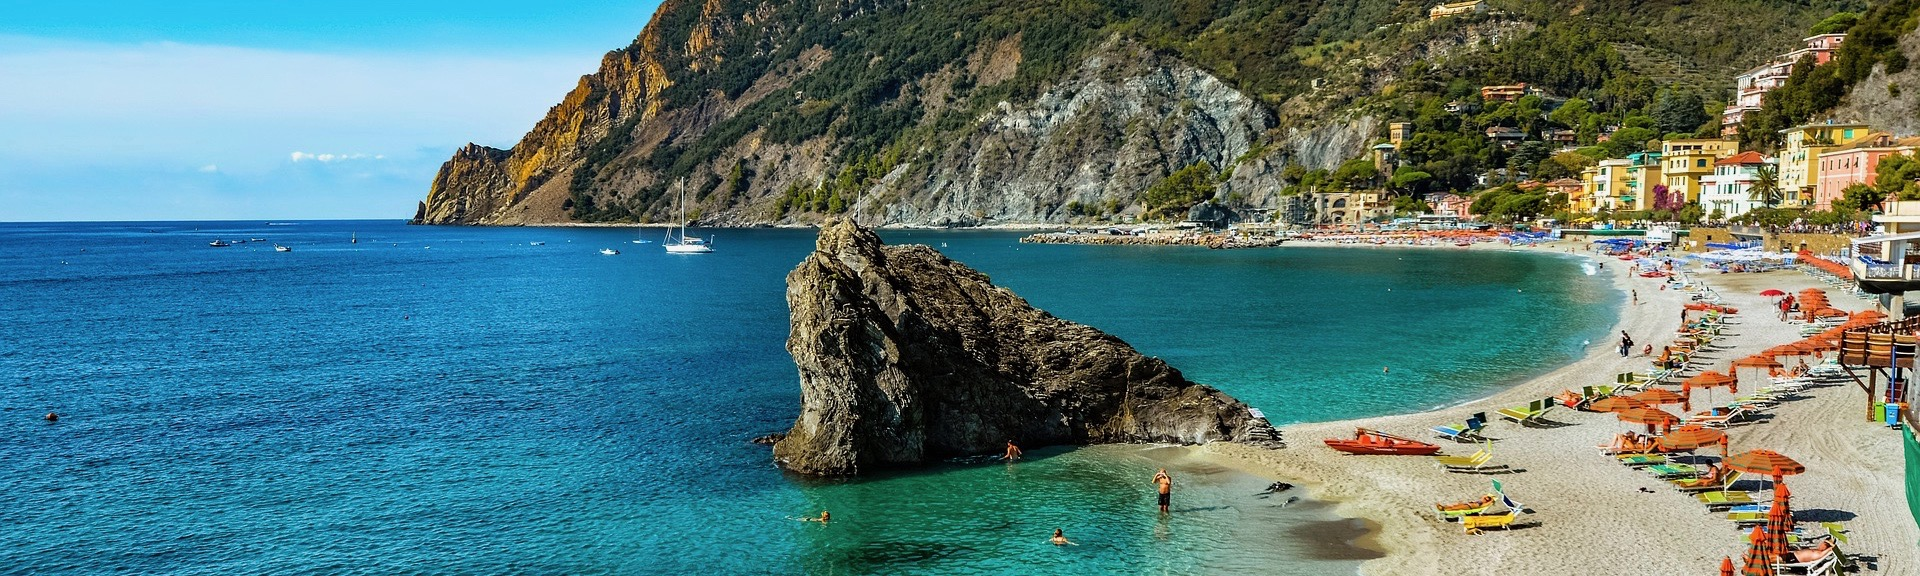 Plages autorisées aux chiens Provence Alpes Côte d'Azur